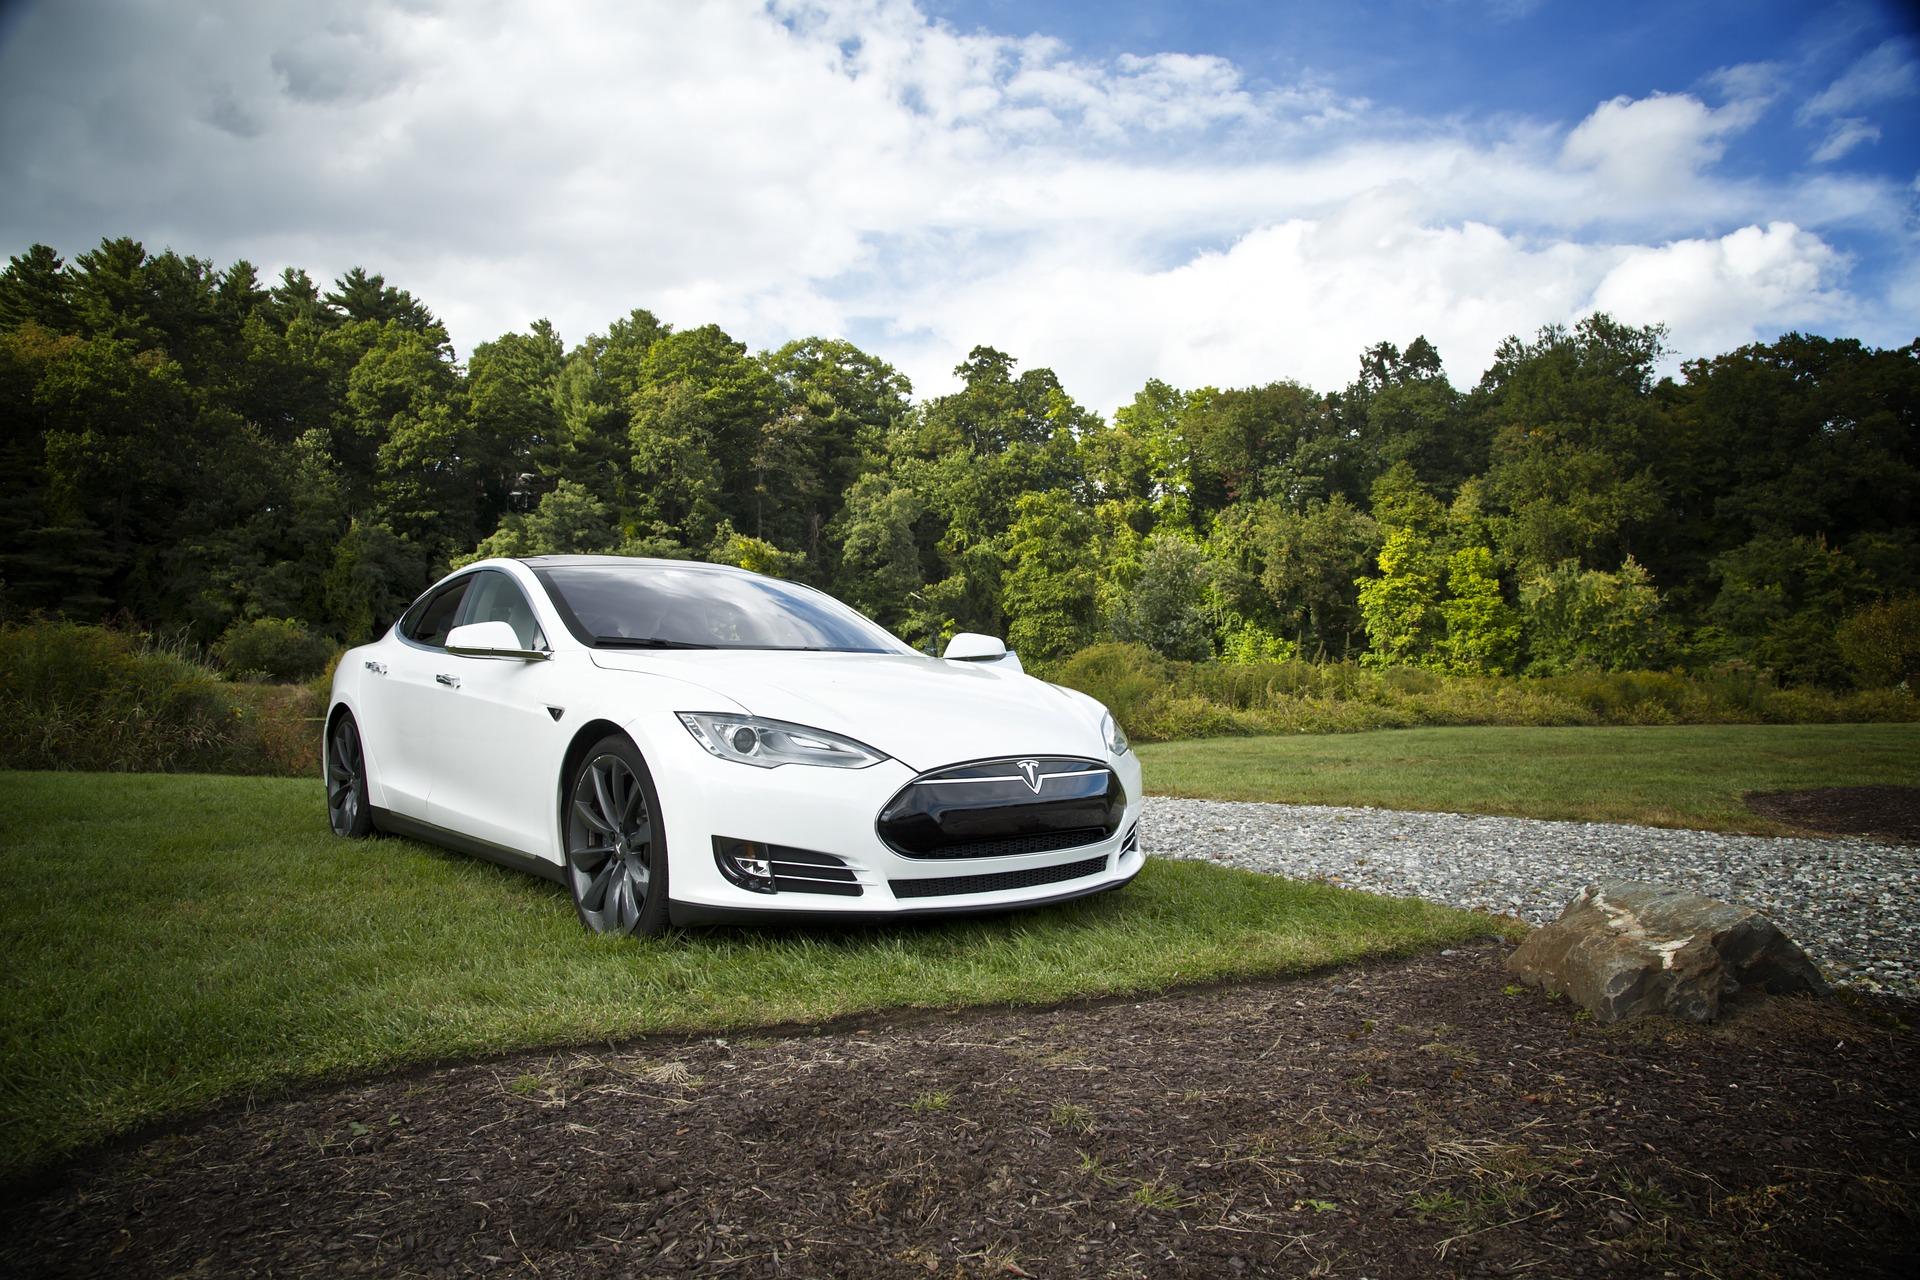 Der gebrauchte Tesla